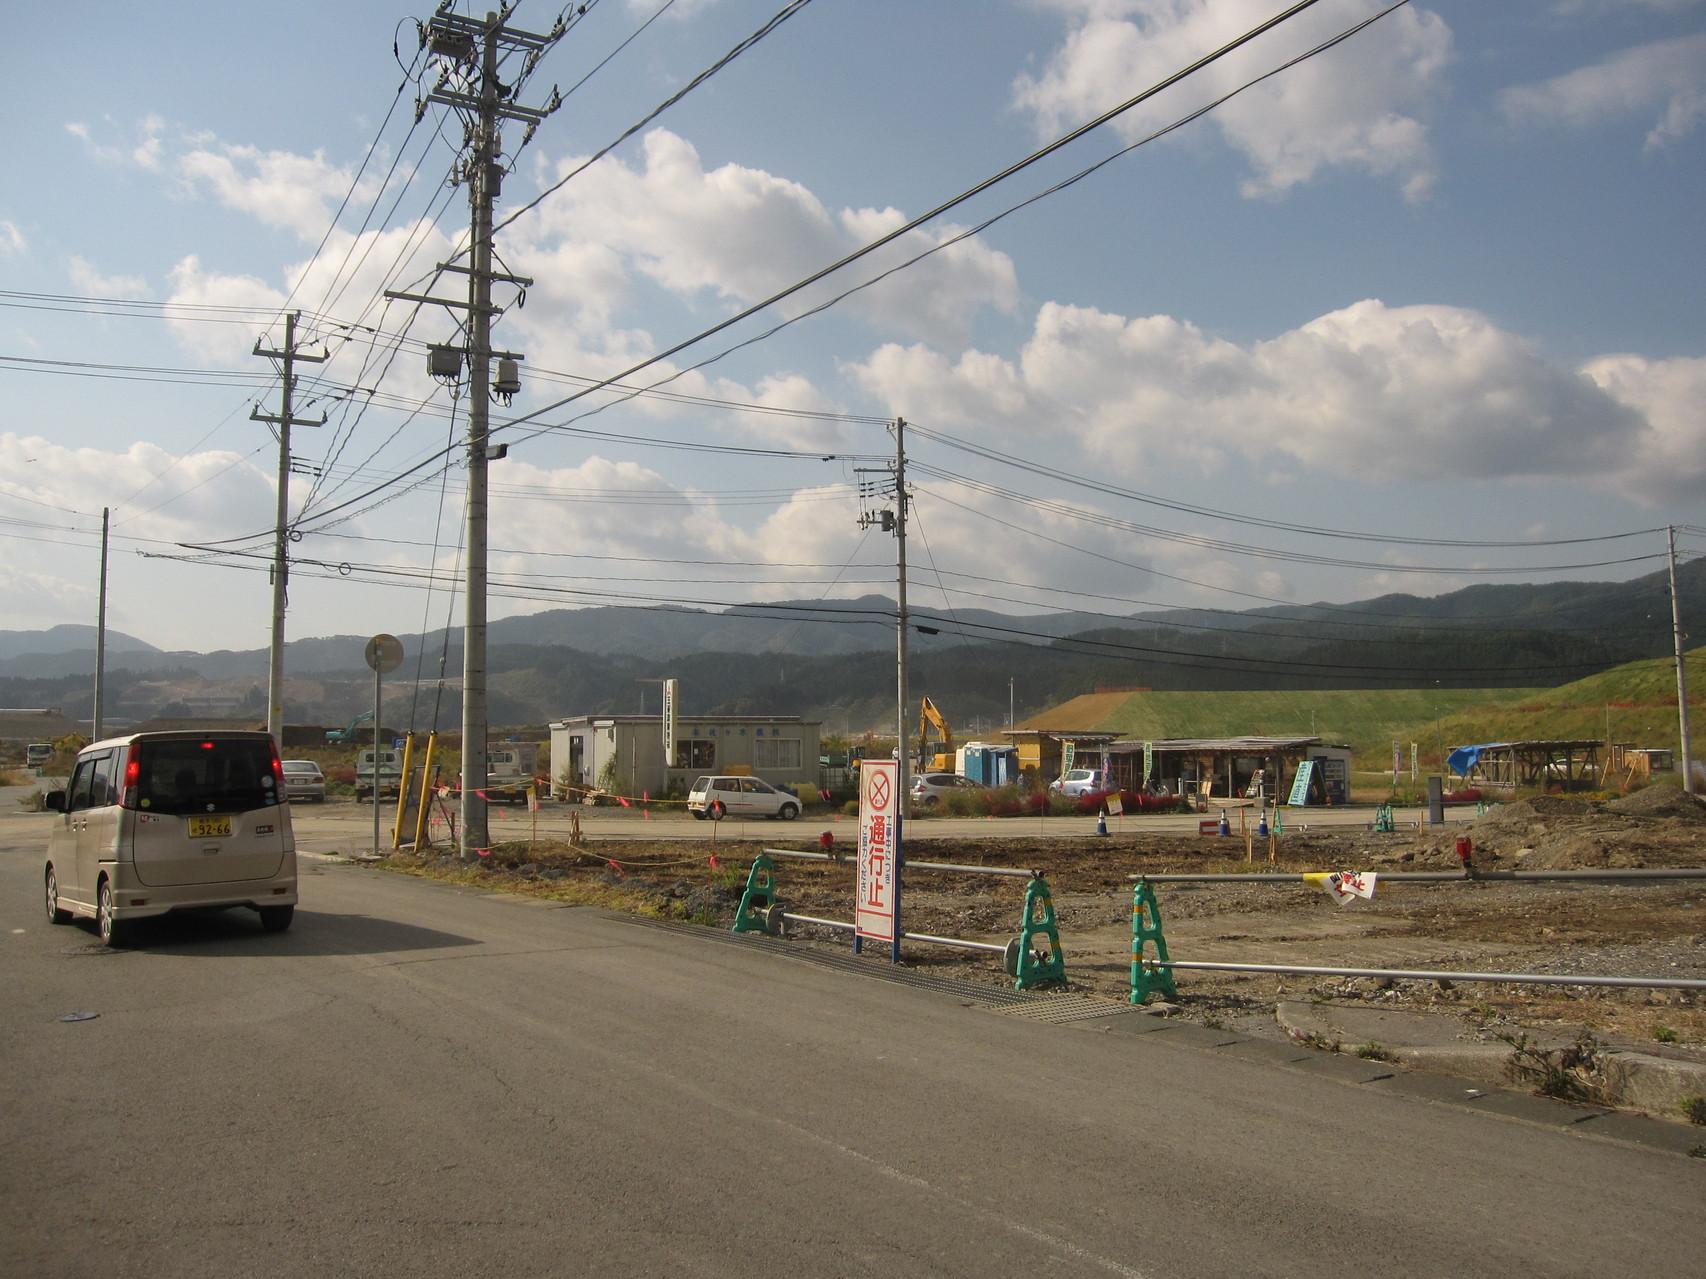 次のT字路を左方向です(右方向に花畑と店舗が見えます